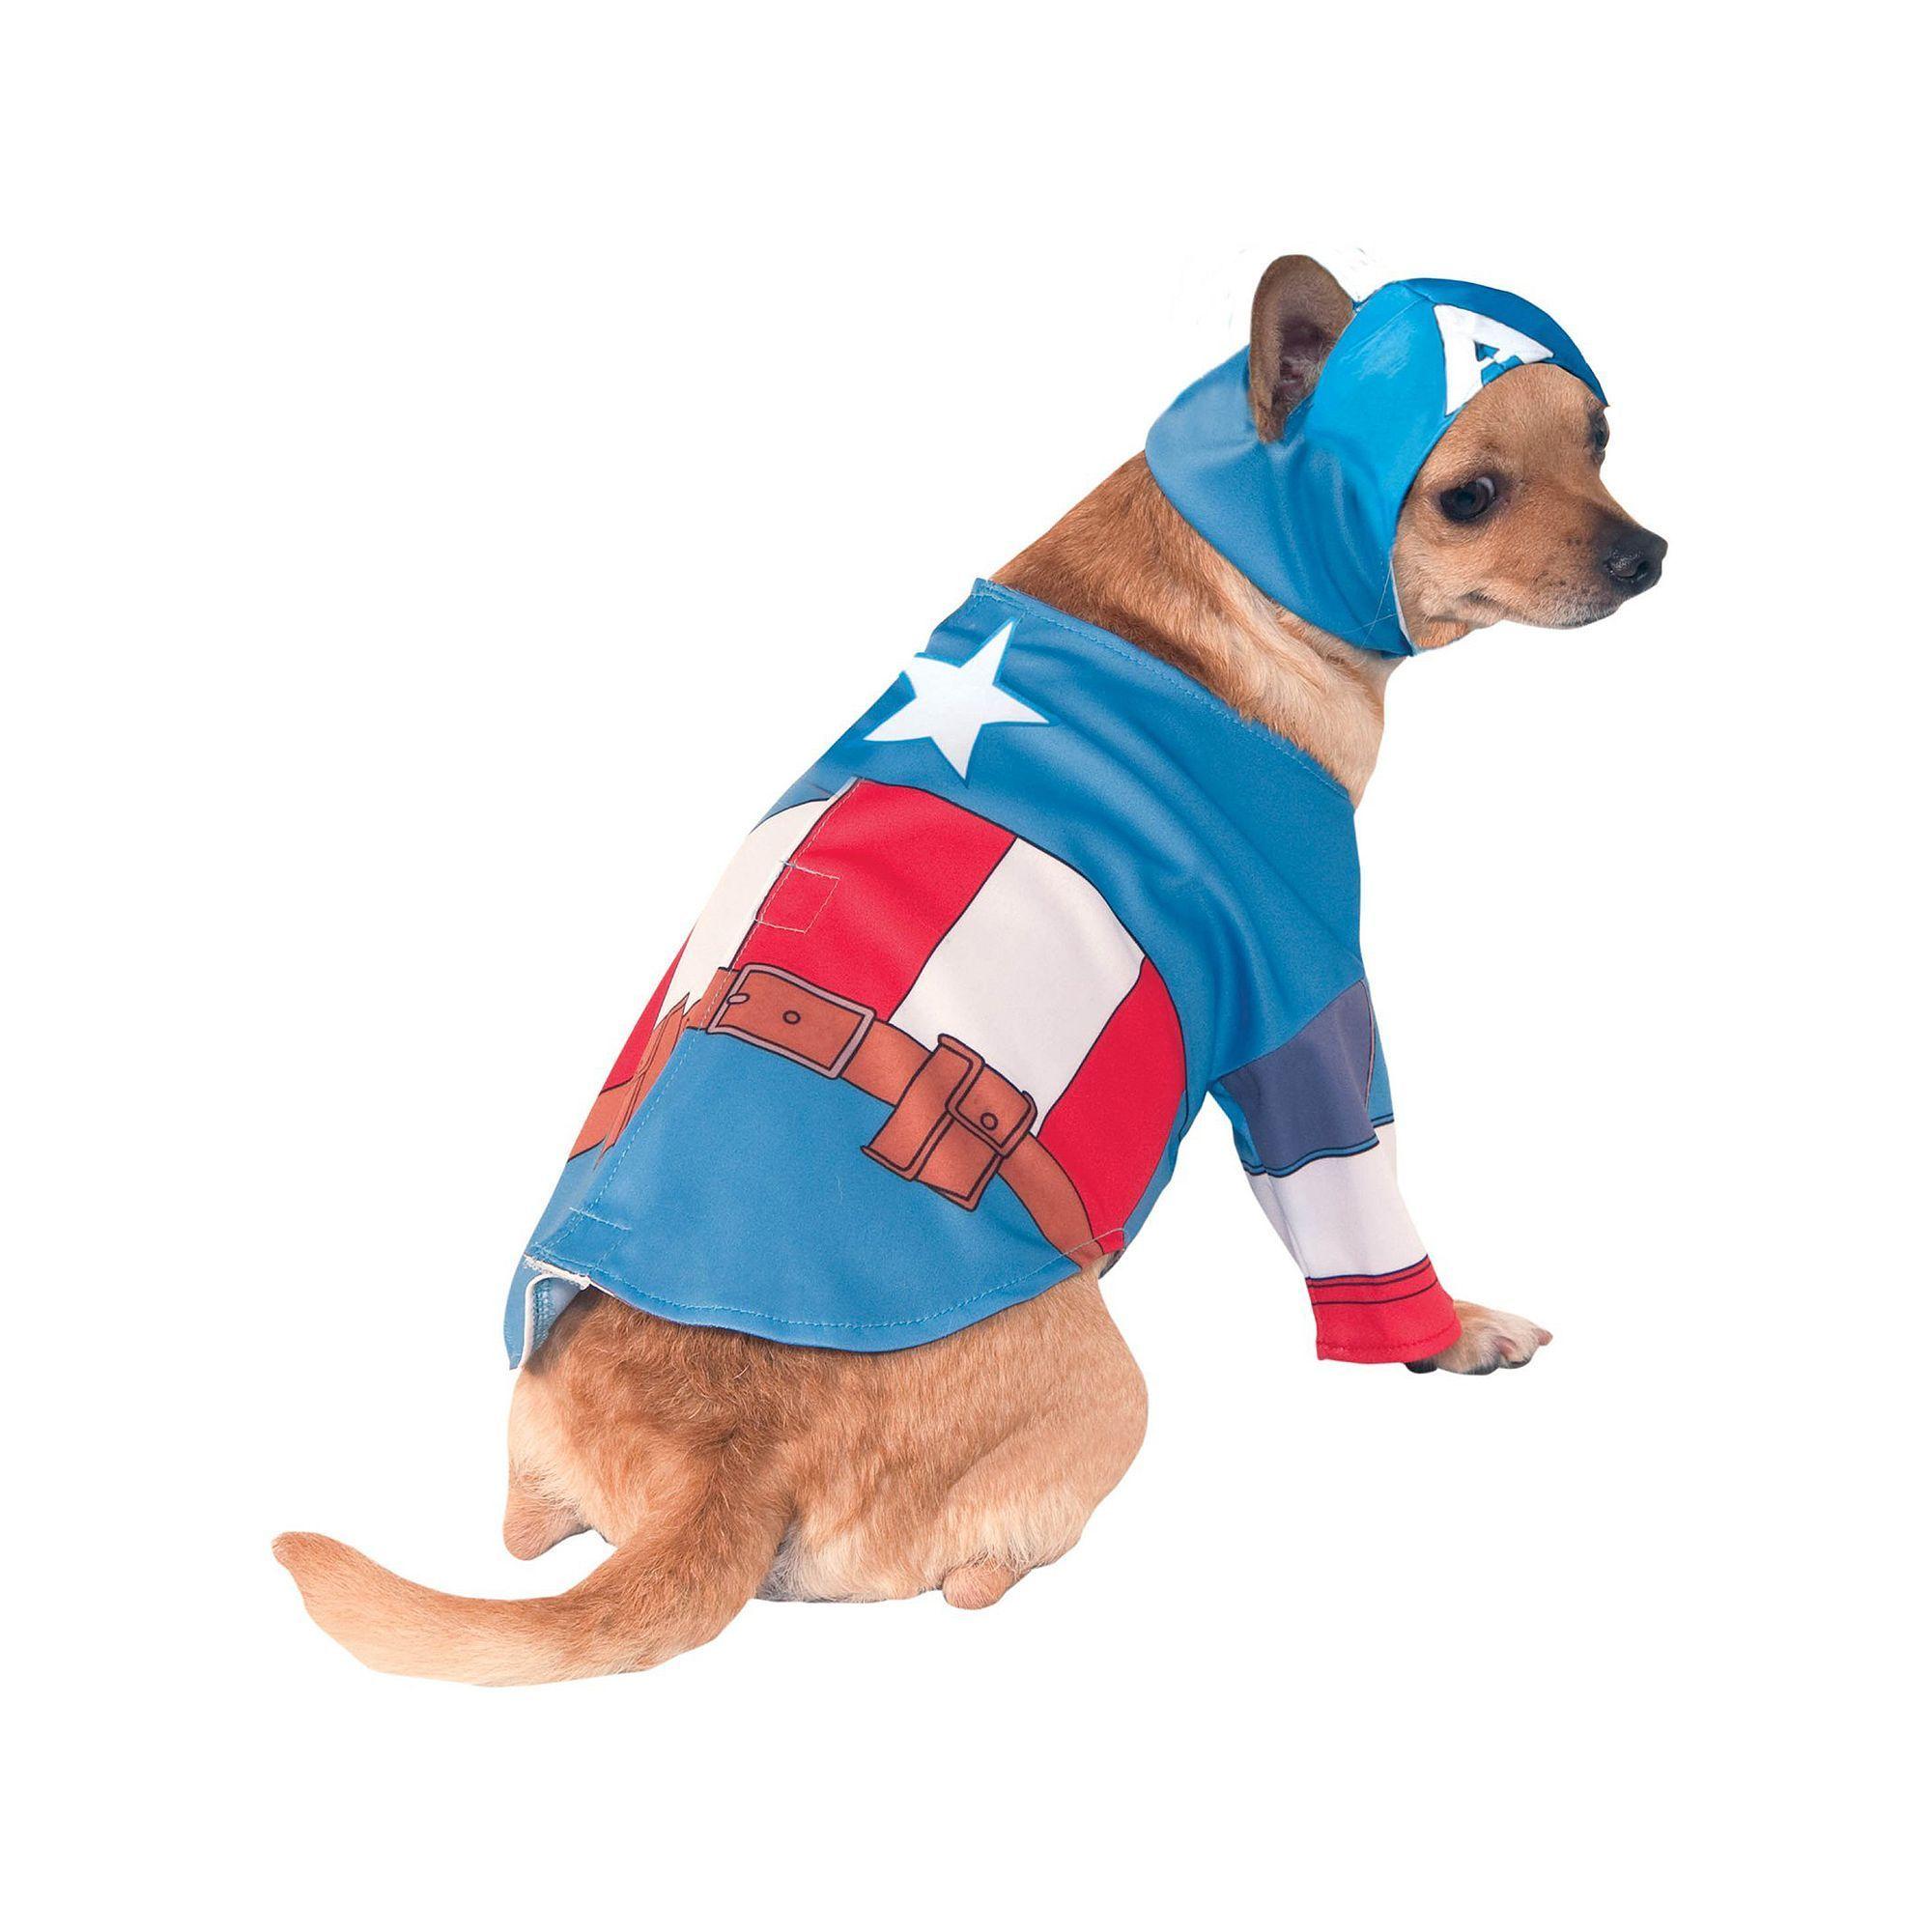 Pet Marvel Captain America Costume, Kids Unisex, Size: Medium, Red